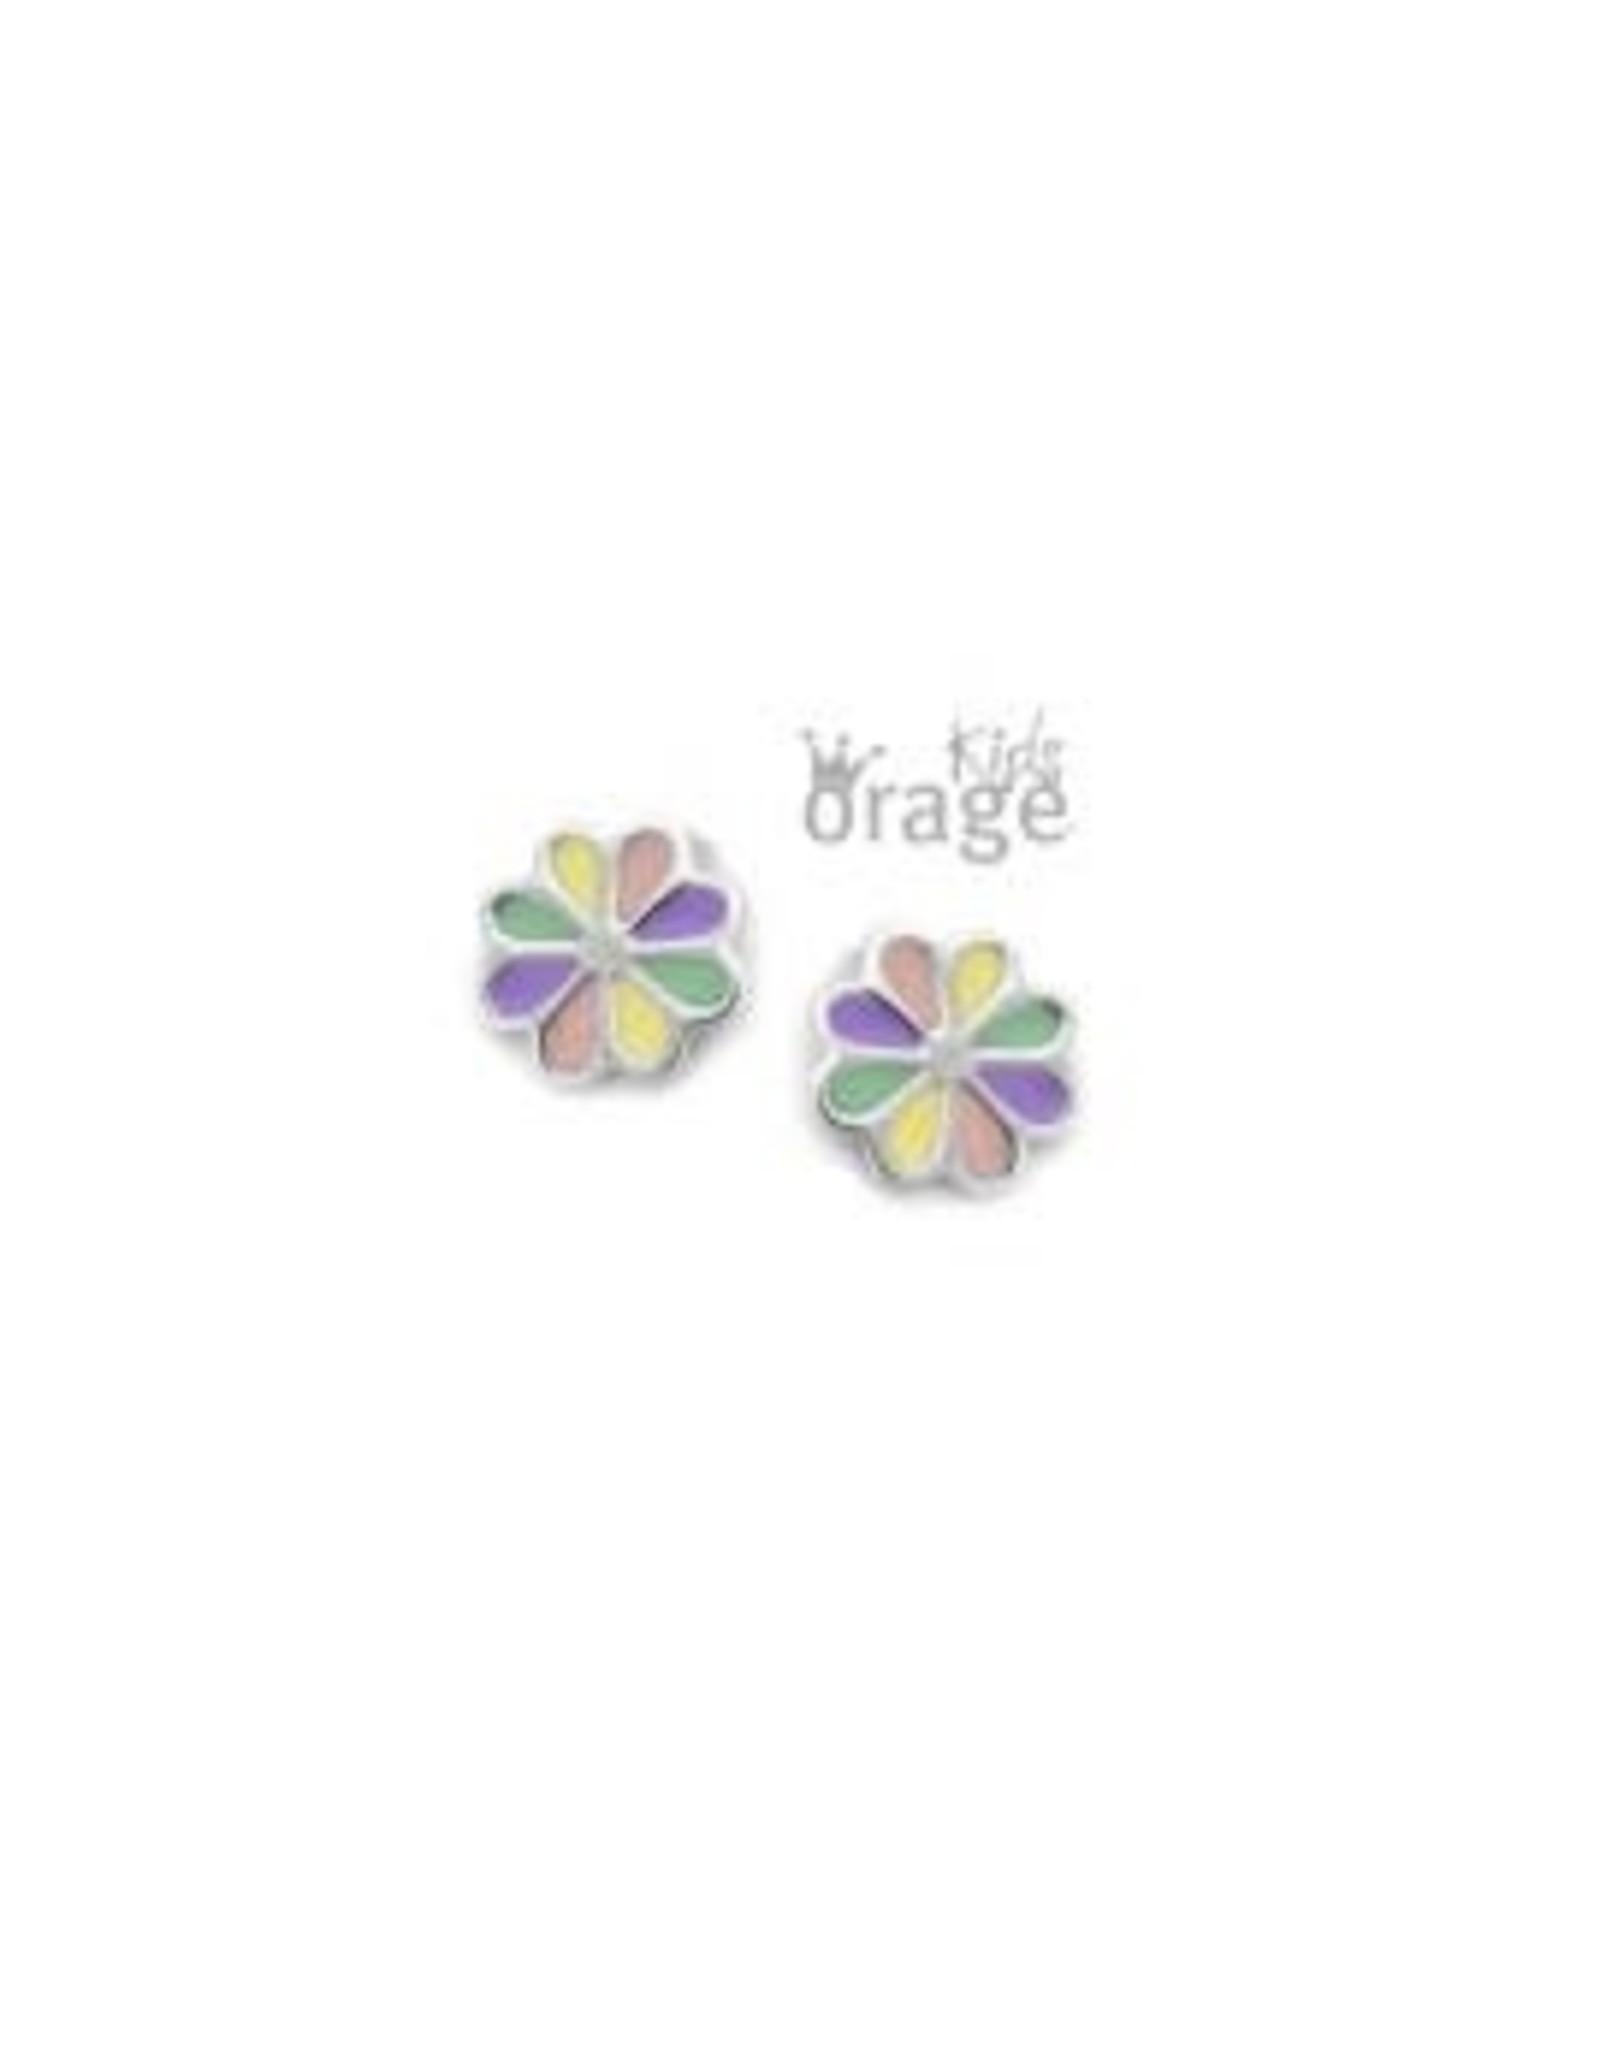 Orage Kids Oorbellen Orage Kids K2091 Bloem multi color pastel Zilver